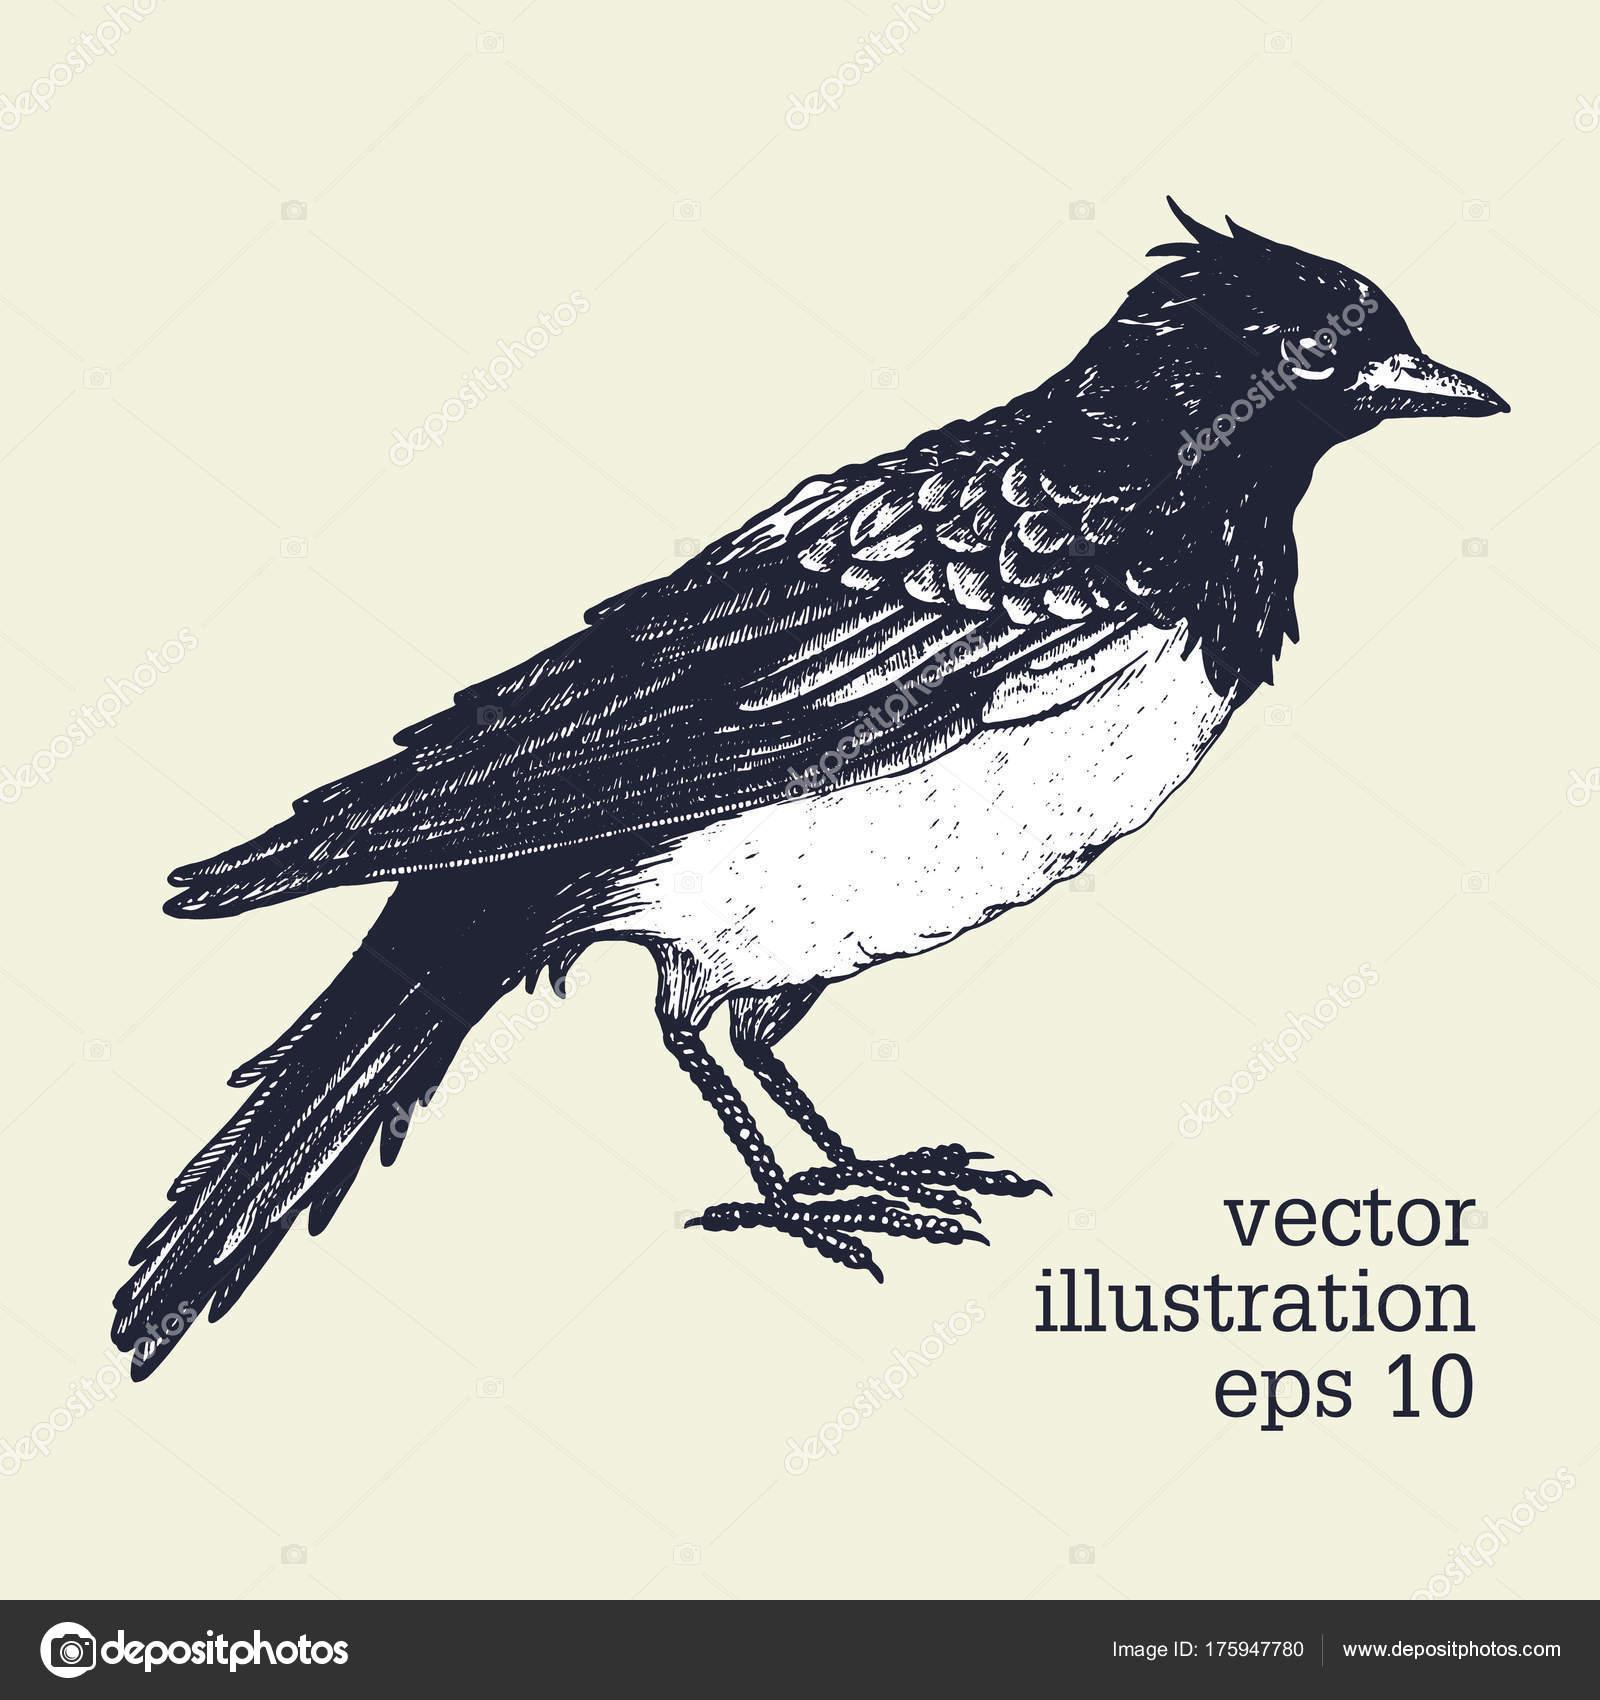 鳥のベクトル グラフィック イラストひばりは手描き下ろし